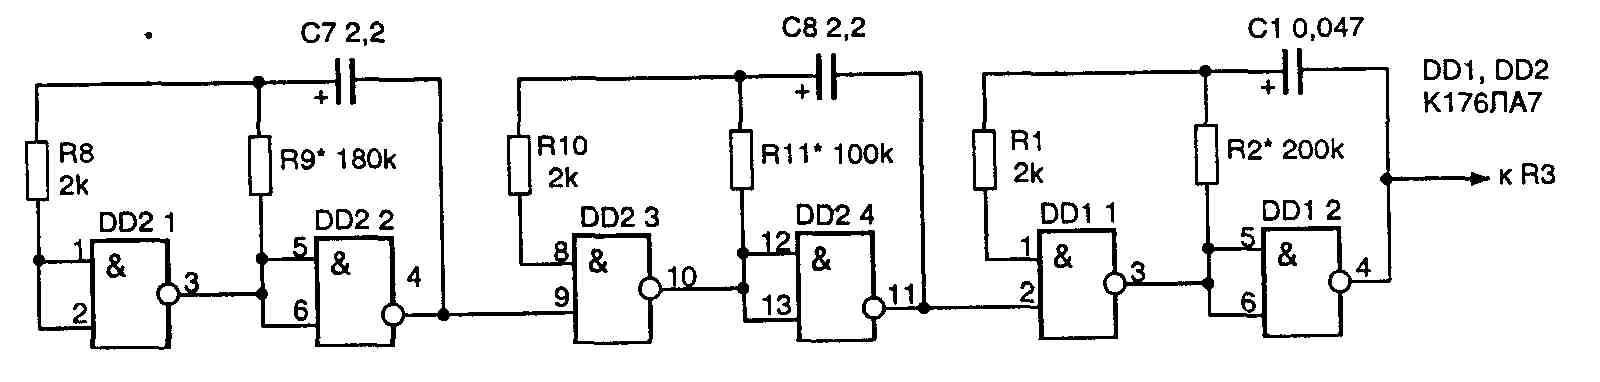 Электрические принципиальные схемы схемы электрические и схемы низкочастотные генераторы низкочастотные схемы...